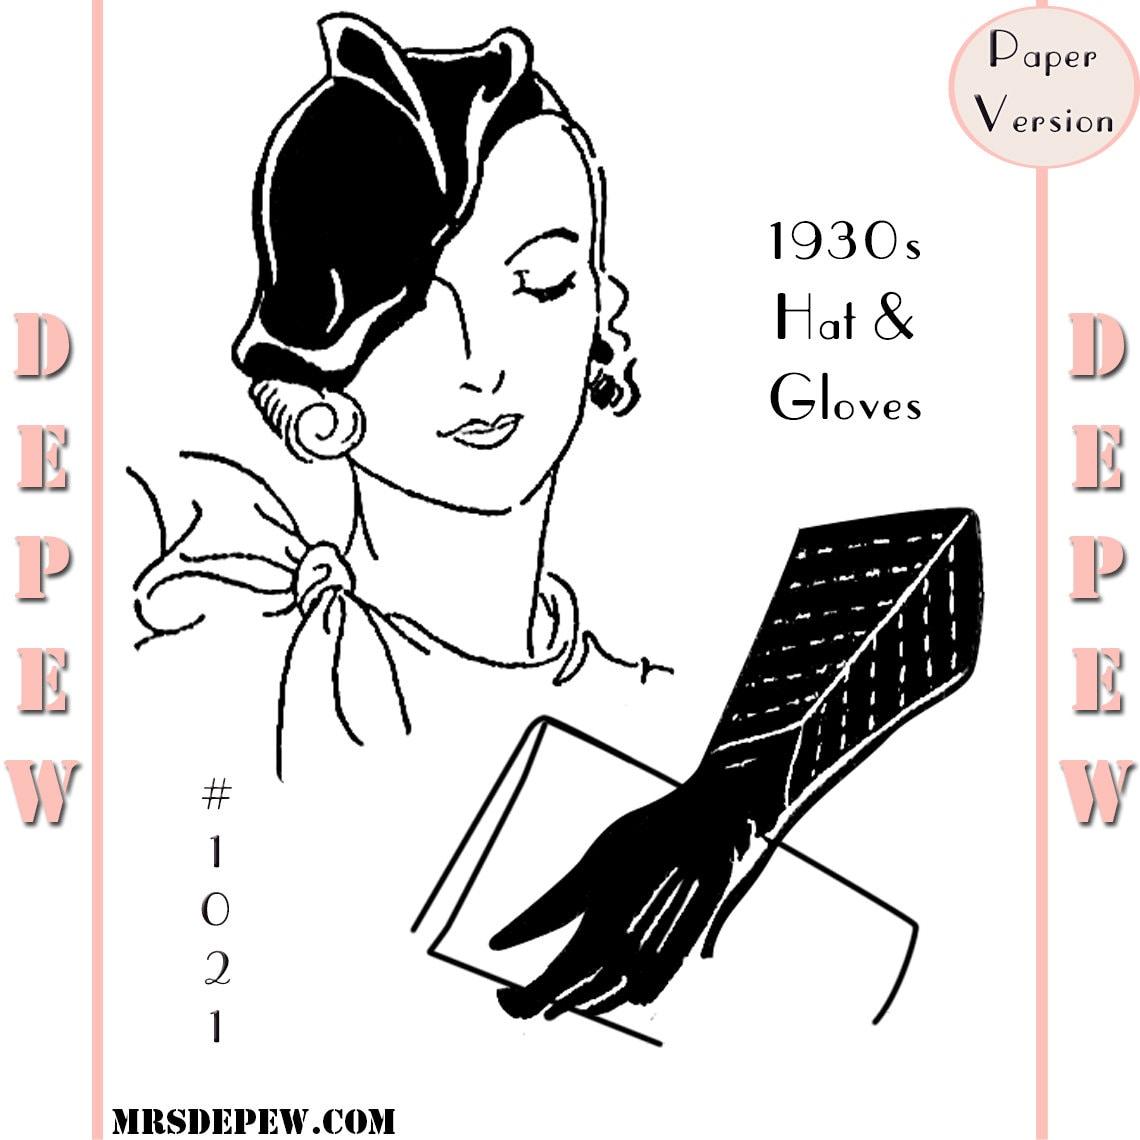 Vintage Nähen Muster der 1930er Jahre Damen Mütze & Handschuhe